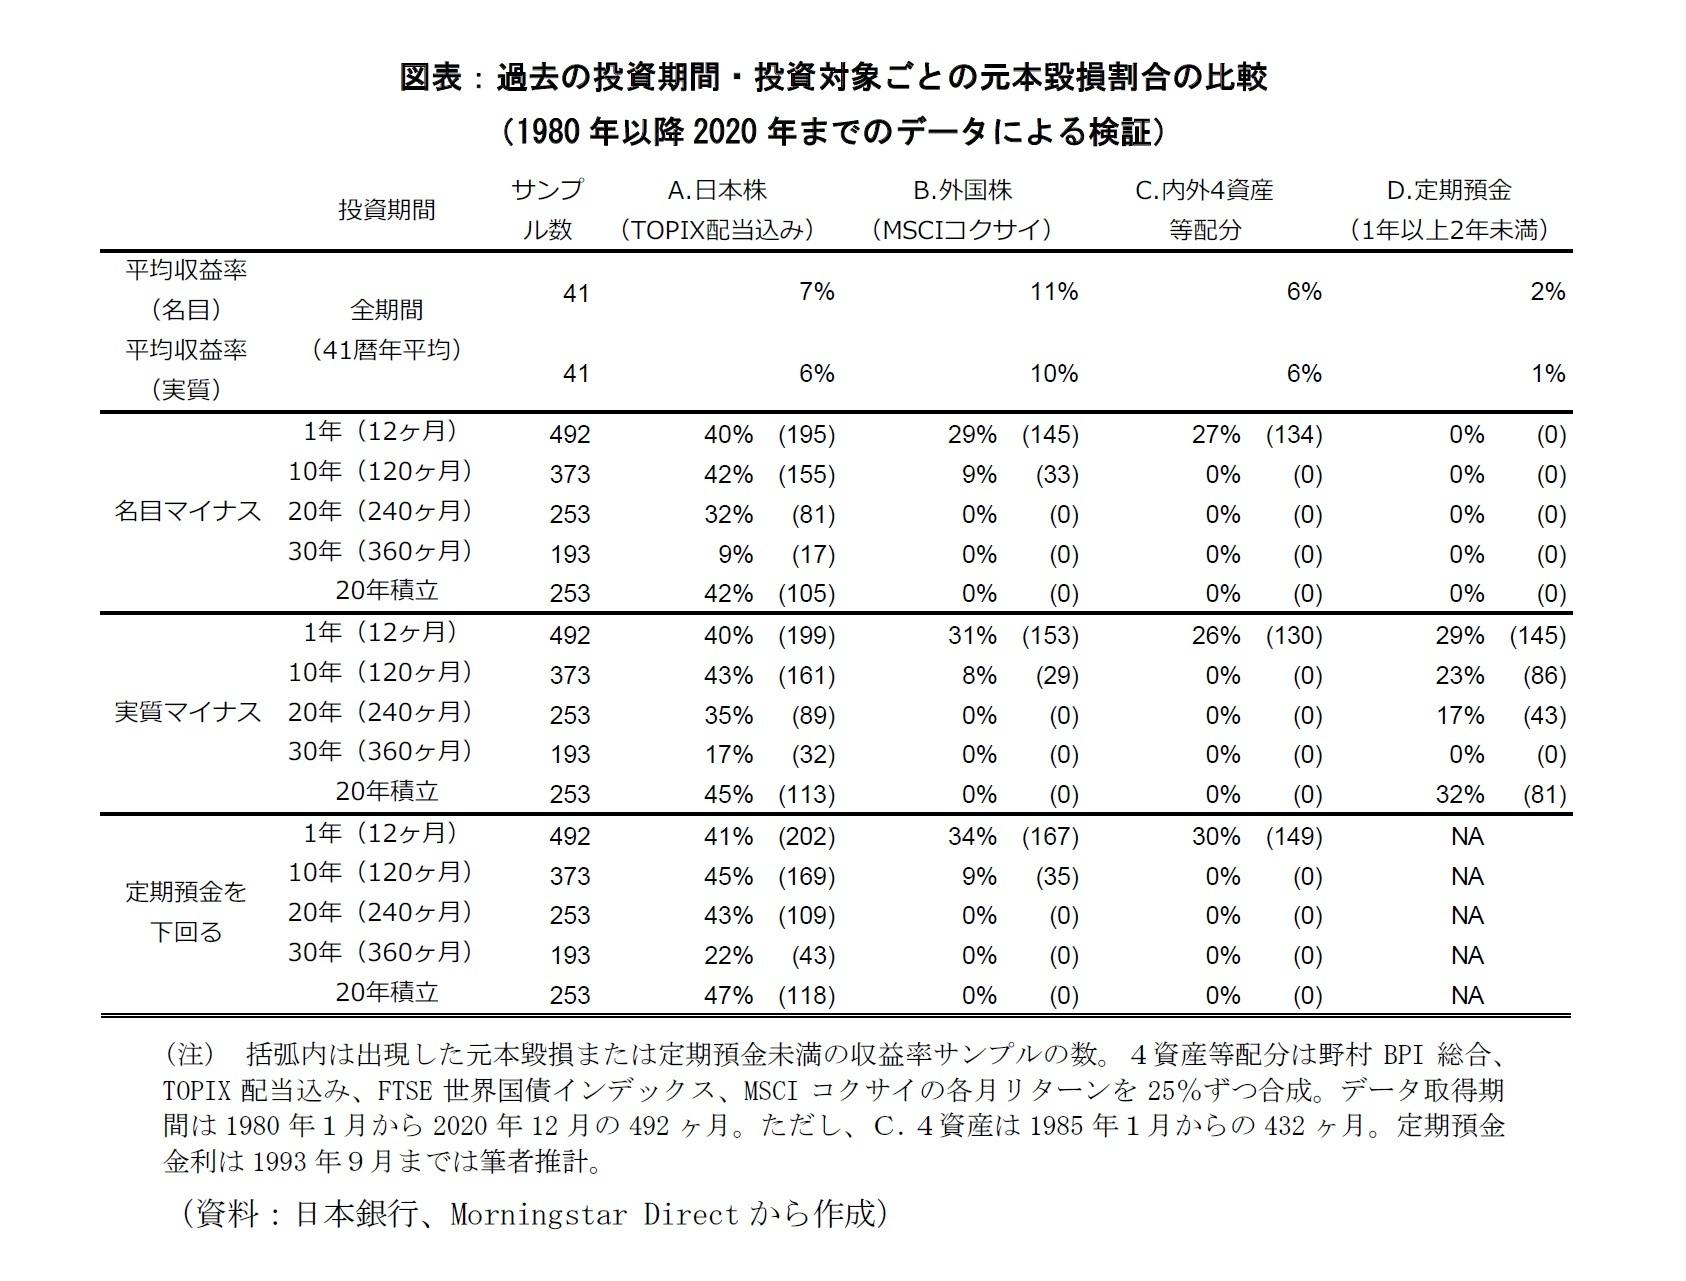 図表:過去の投資機関・投資対象ごとの元本毀損割合の比較